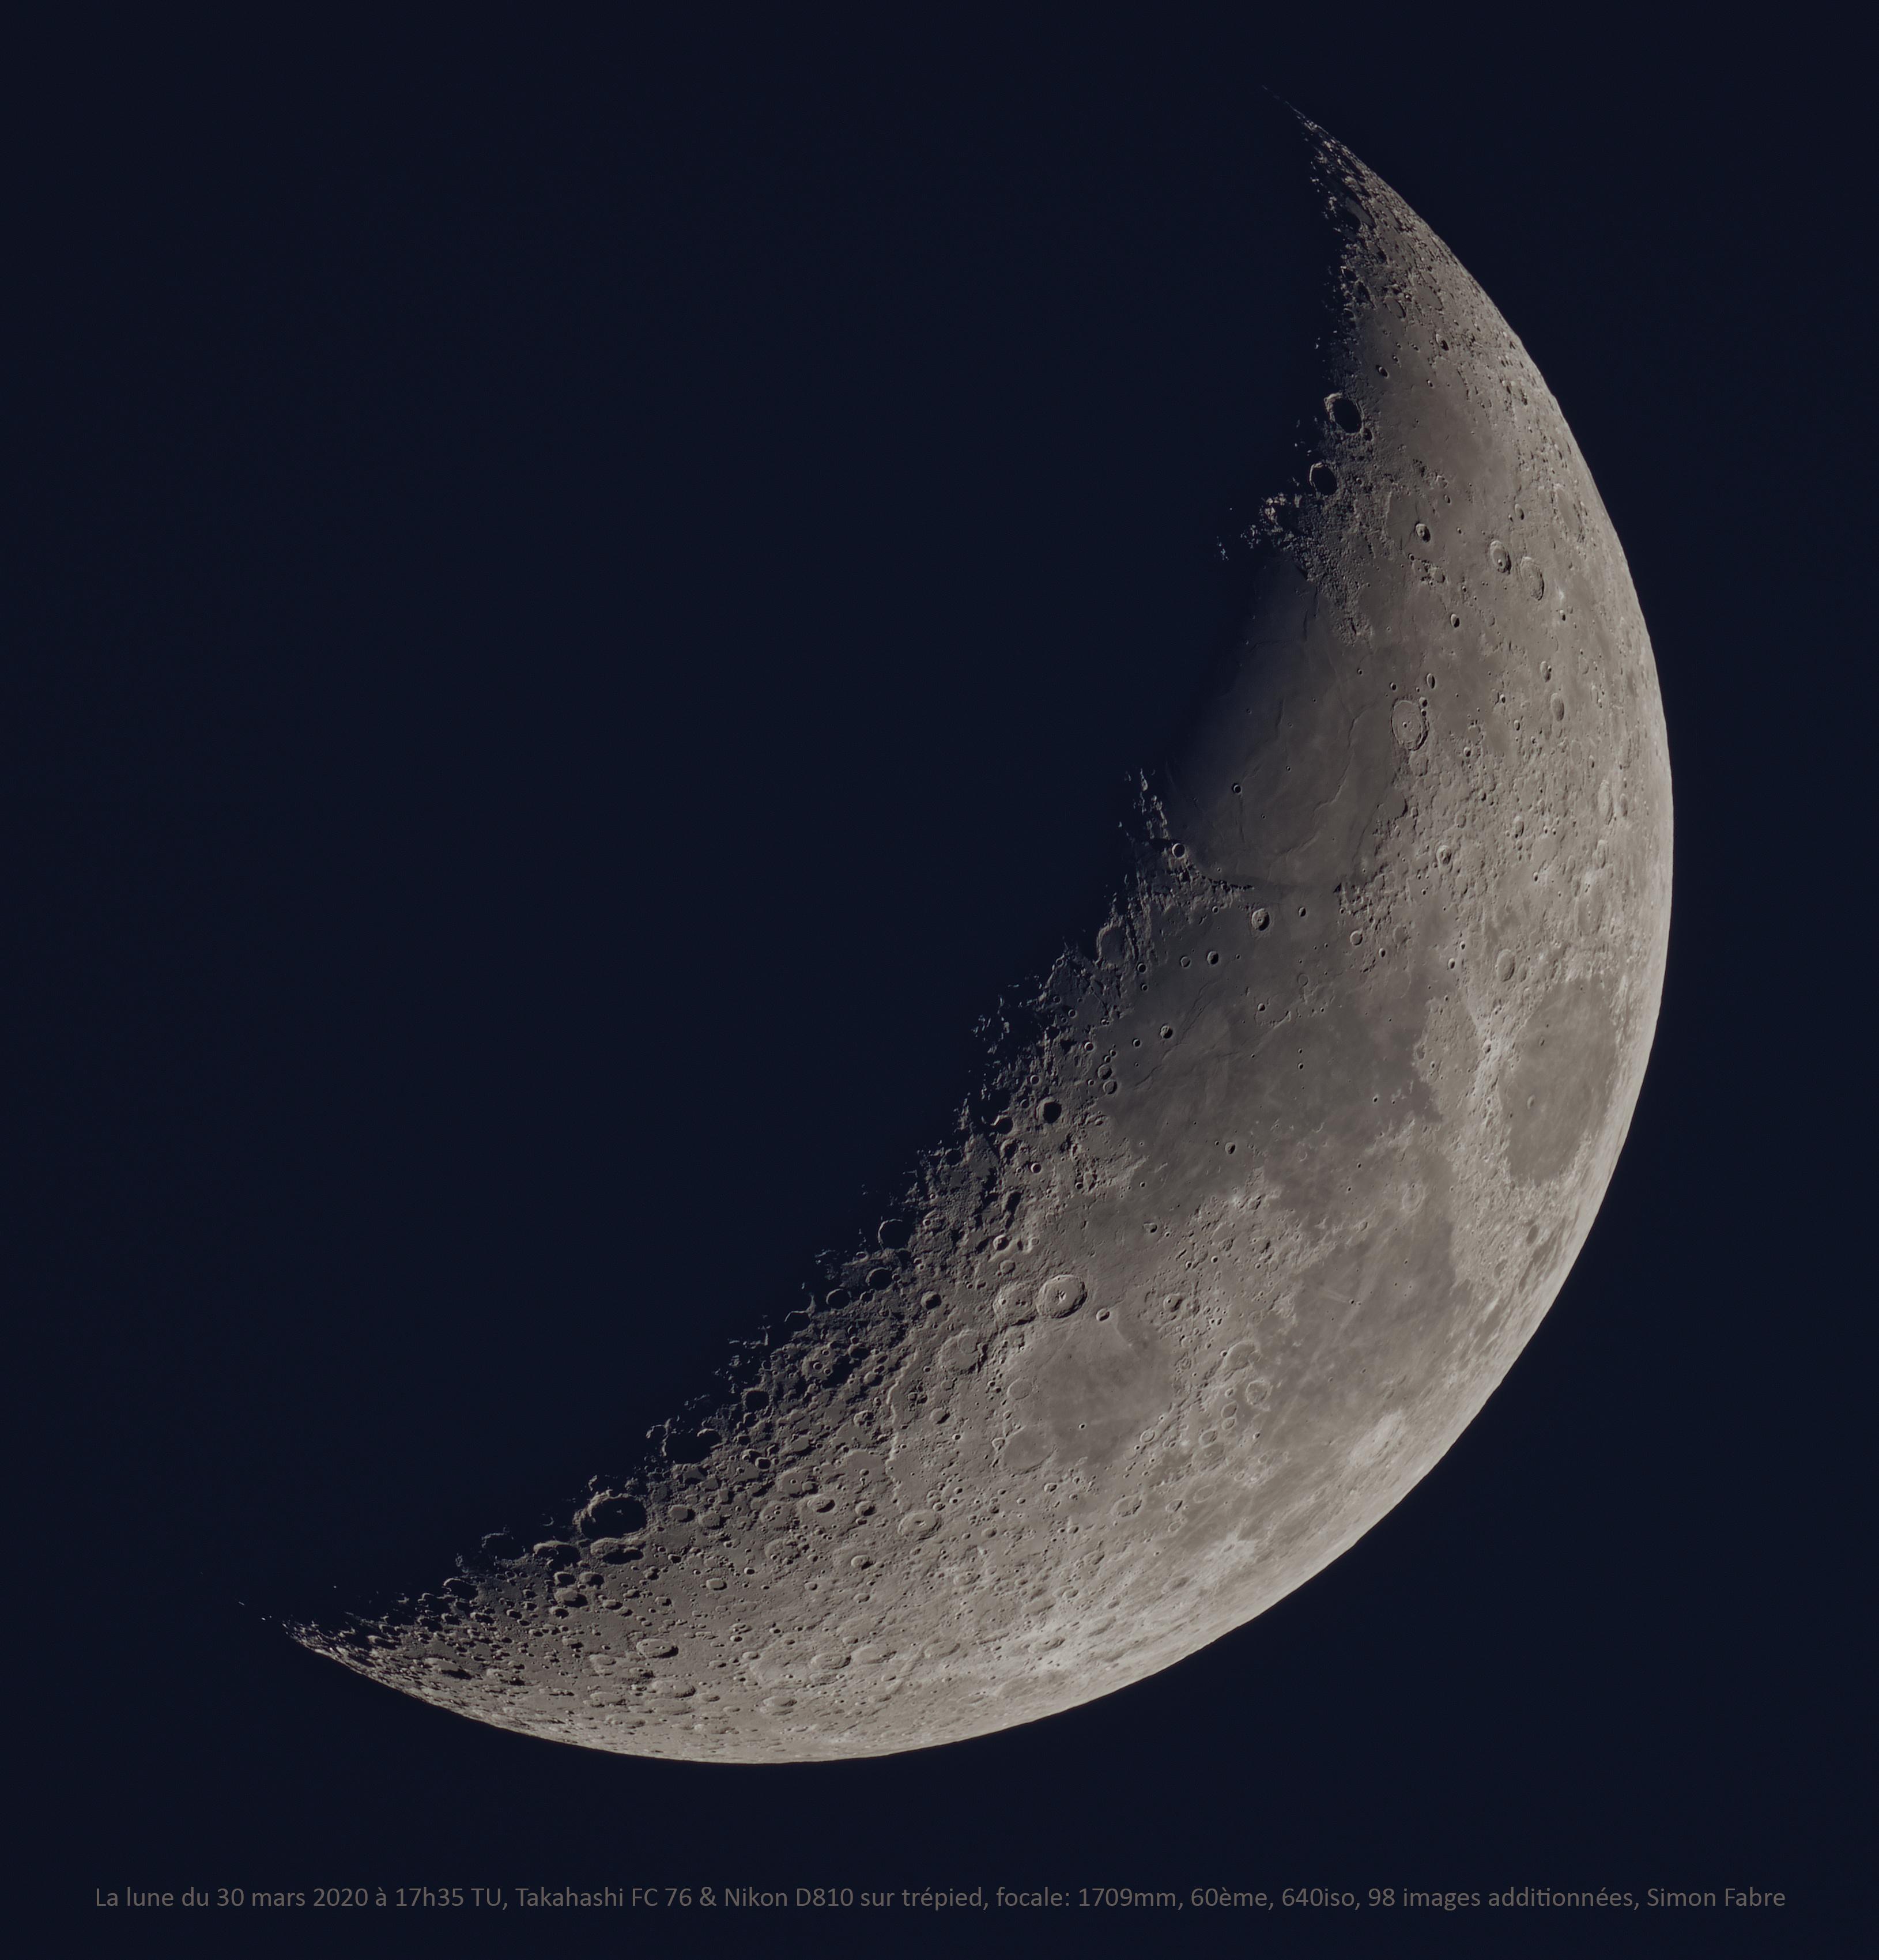 La lune du 30 Mars 2020, Taka FC76, Nikon D810 sur trépied photo